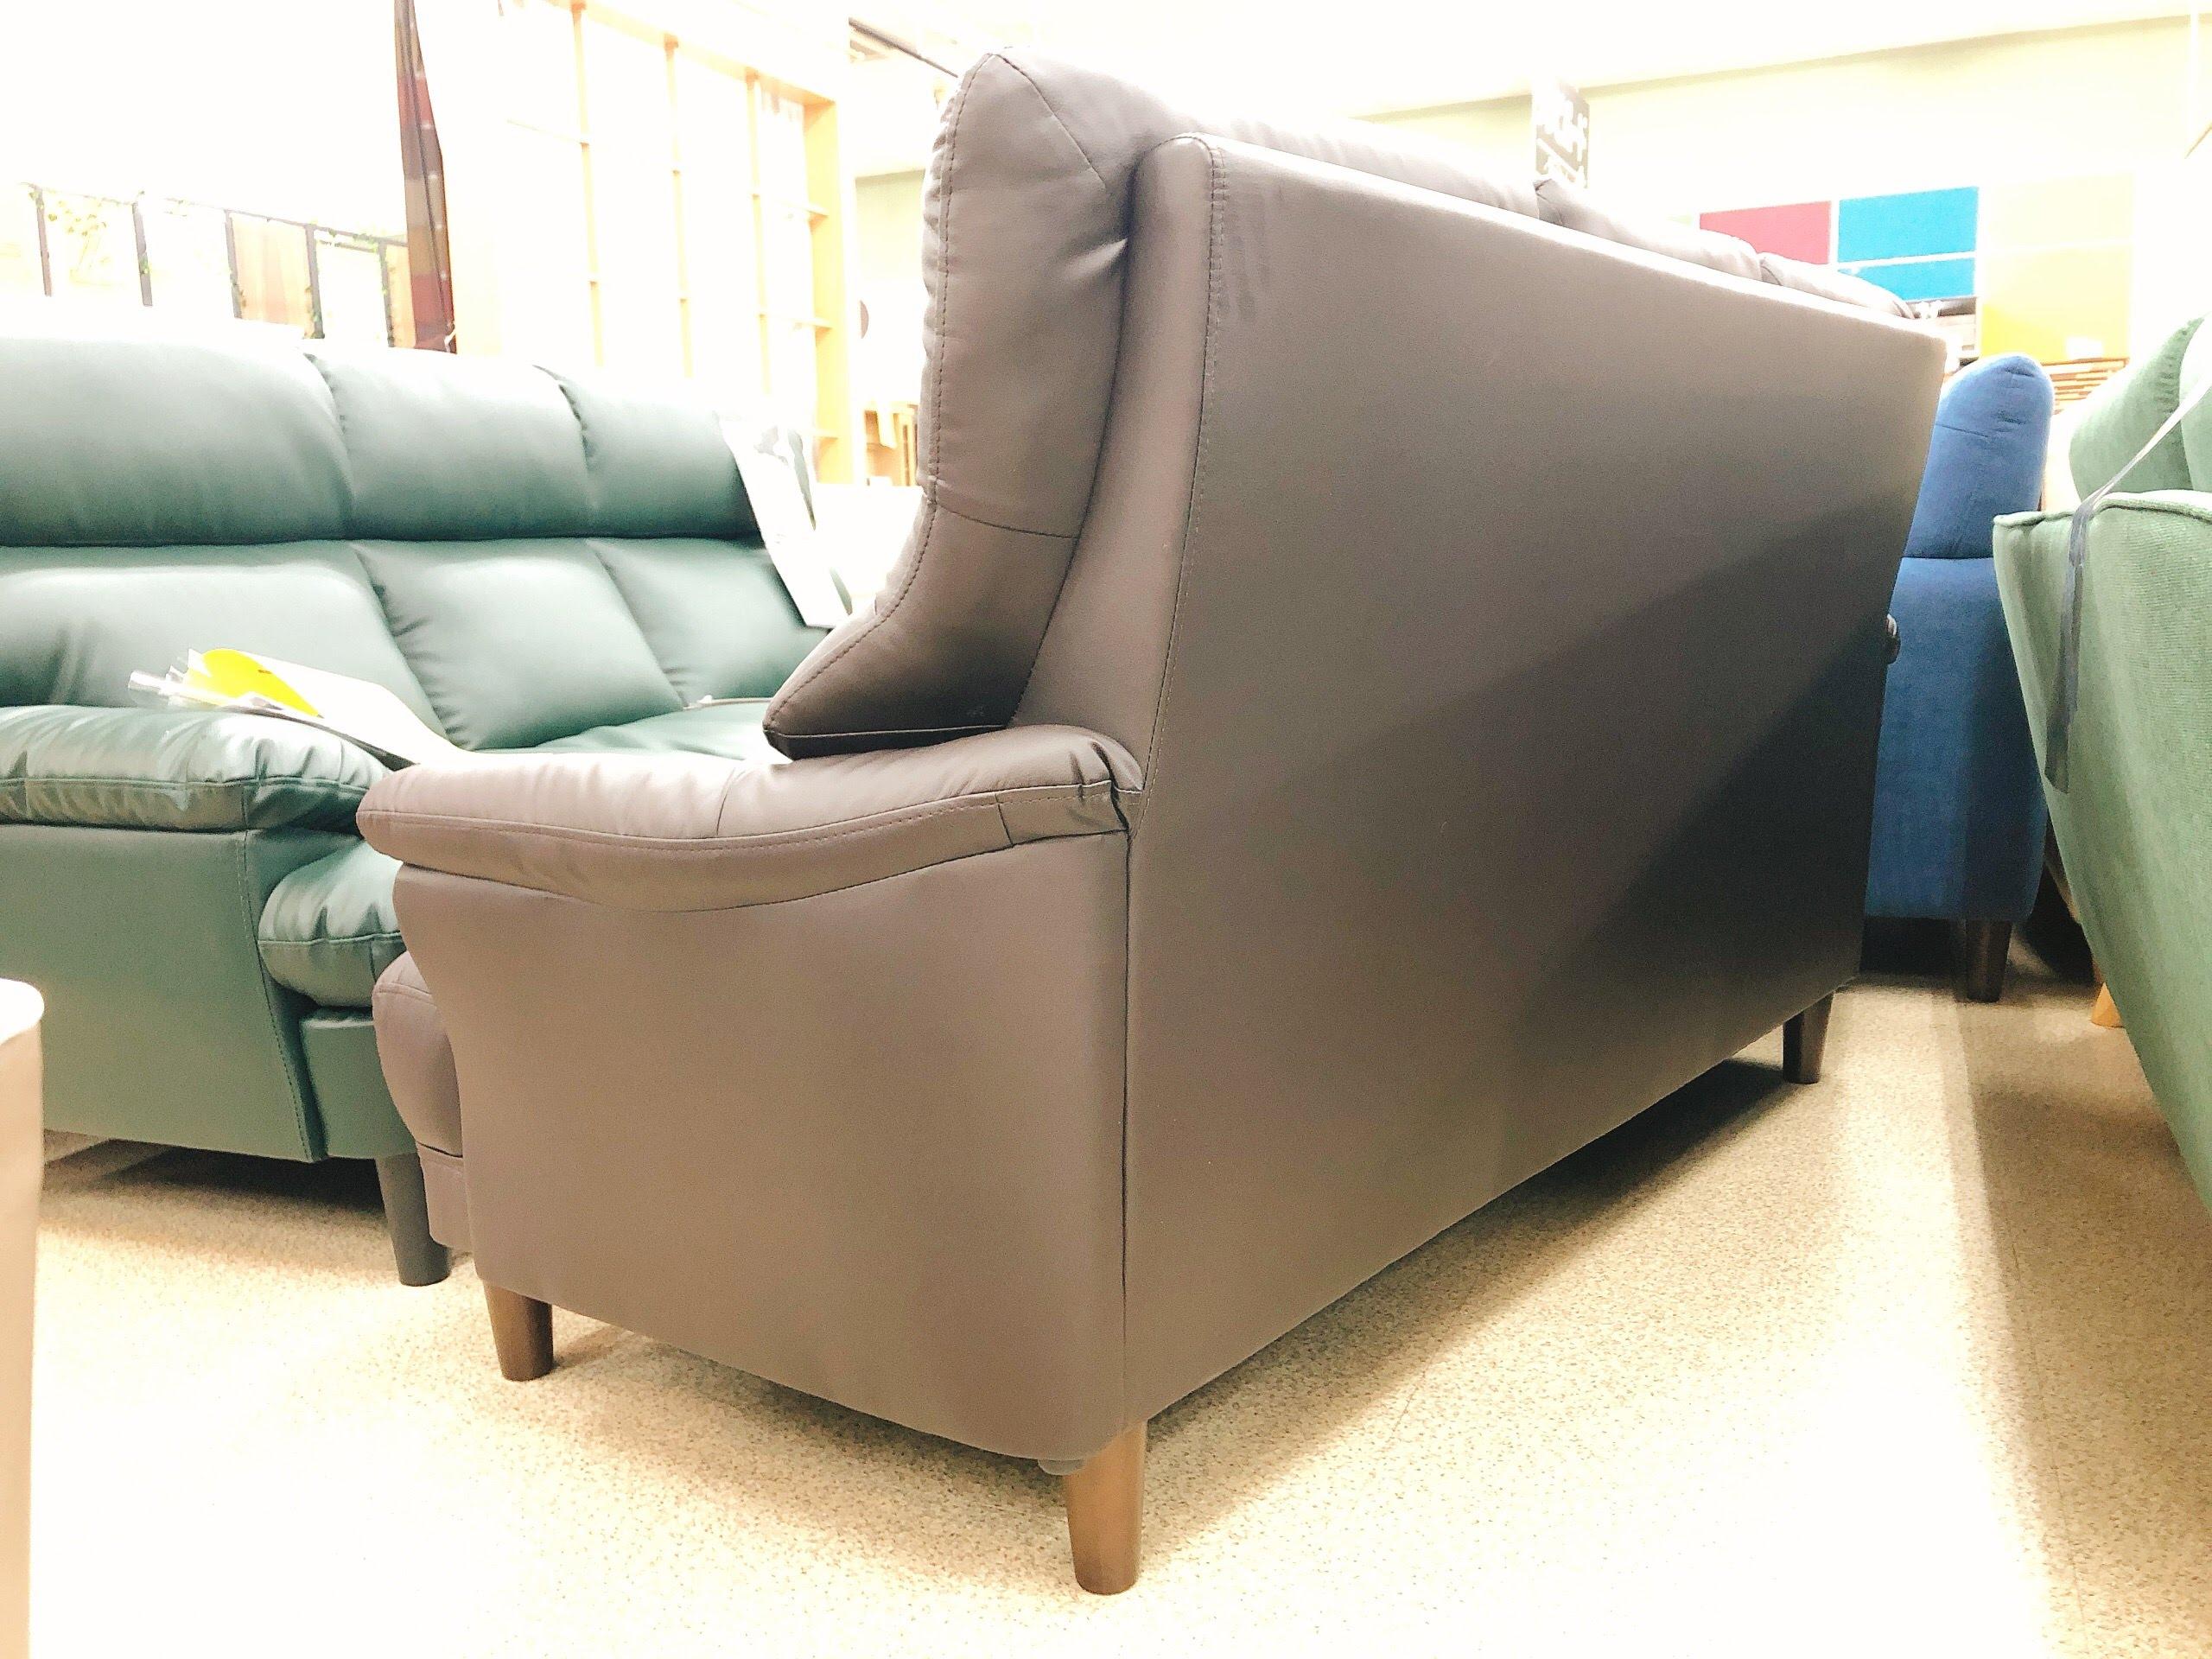 3人掛けAPU合成皮革ソファー 固めの座り心地のハイバックの画像5